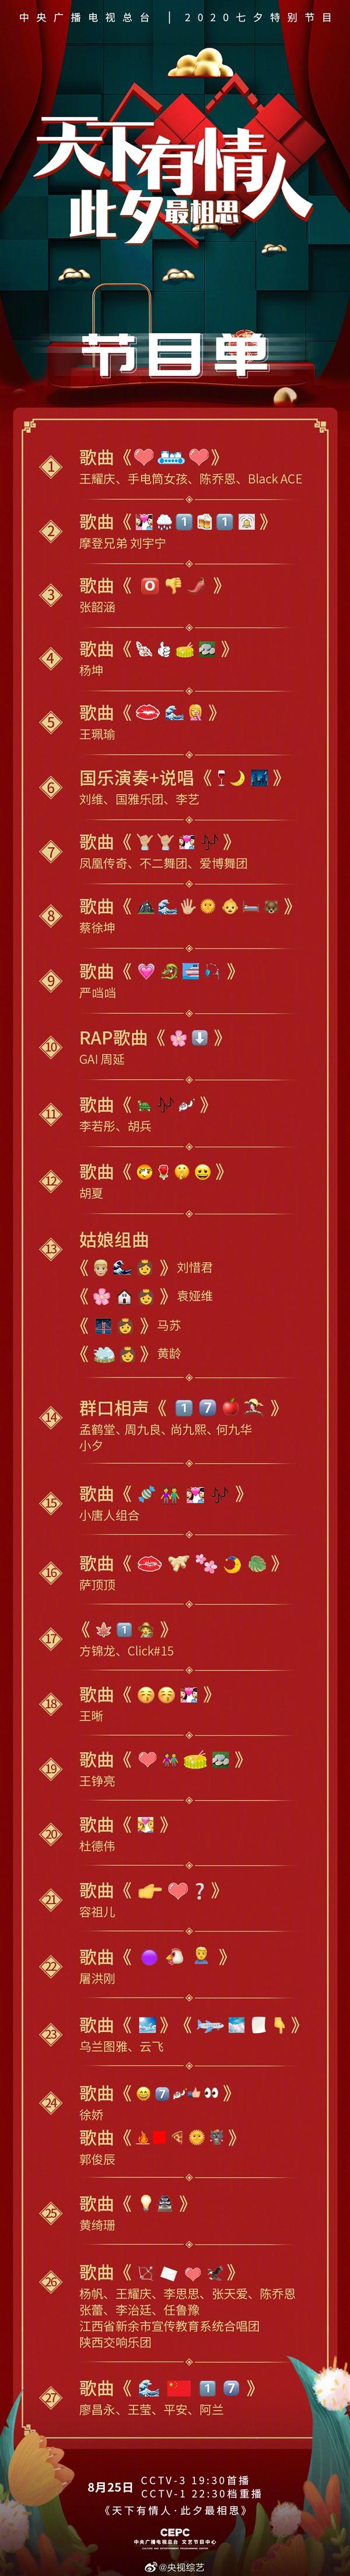 央视七夕晚会emoji节目单是怎么回事?什么情况?终于真相了